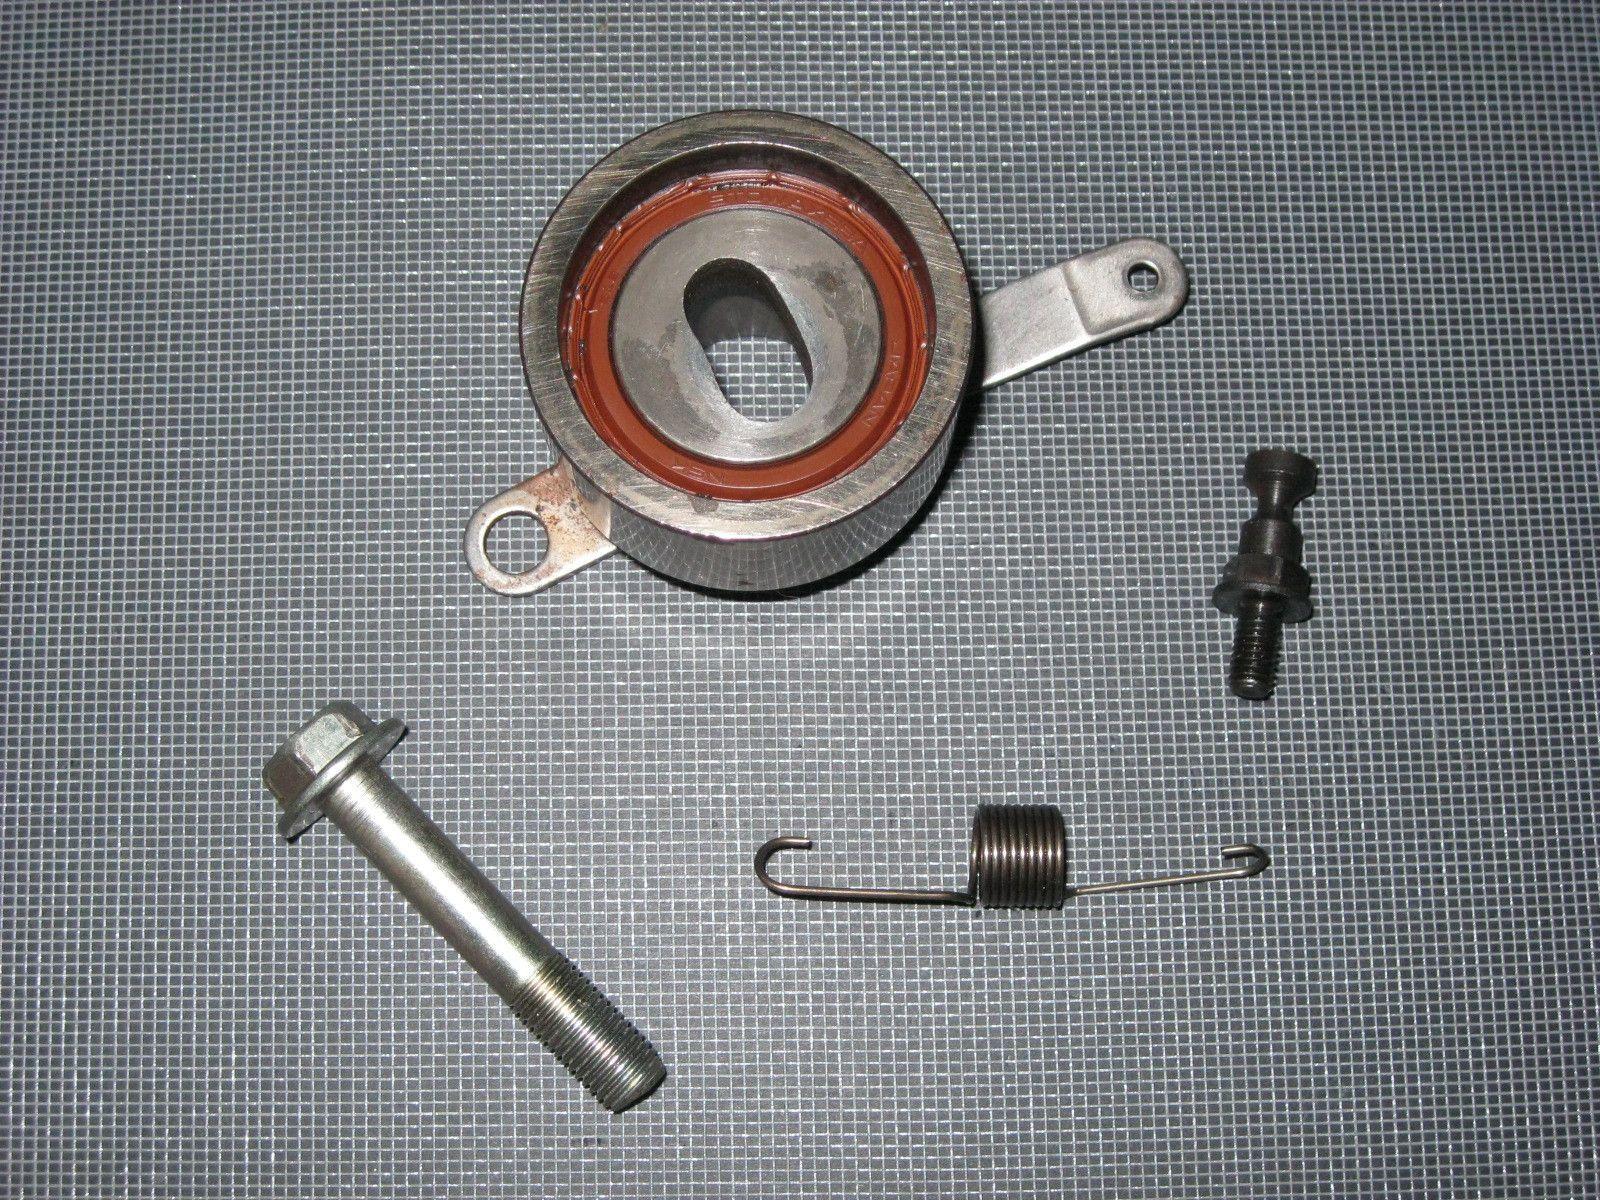 Jdm 96 00 Honda Civic D15b1 None Vtec Timing Belt Idler Tensioner For Pulley